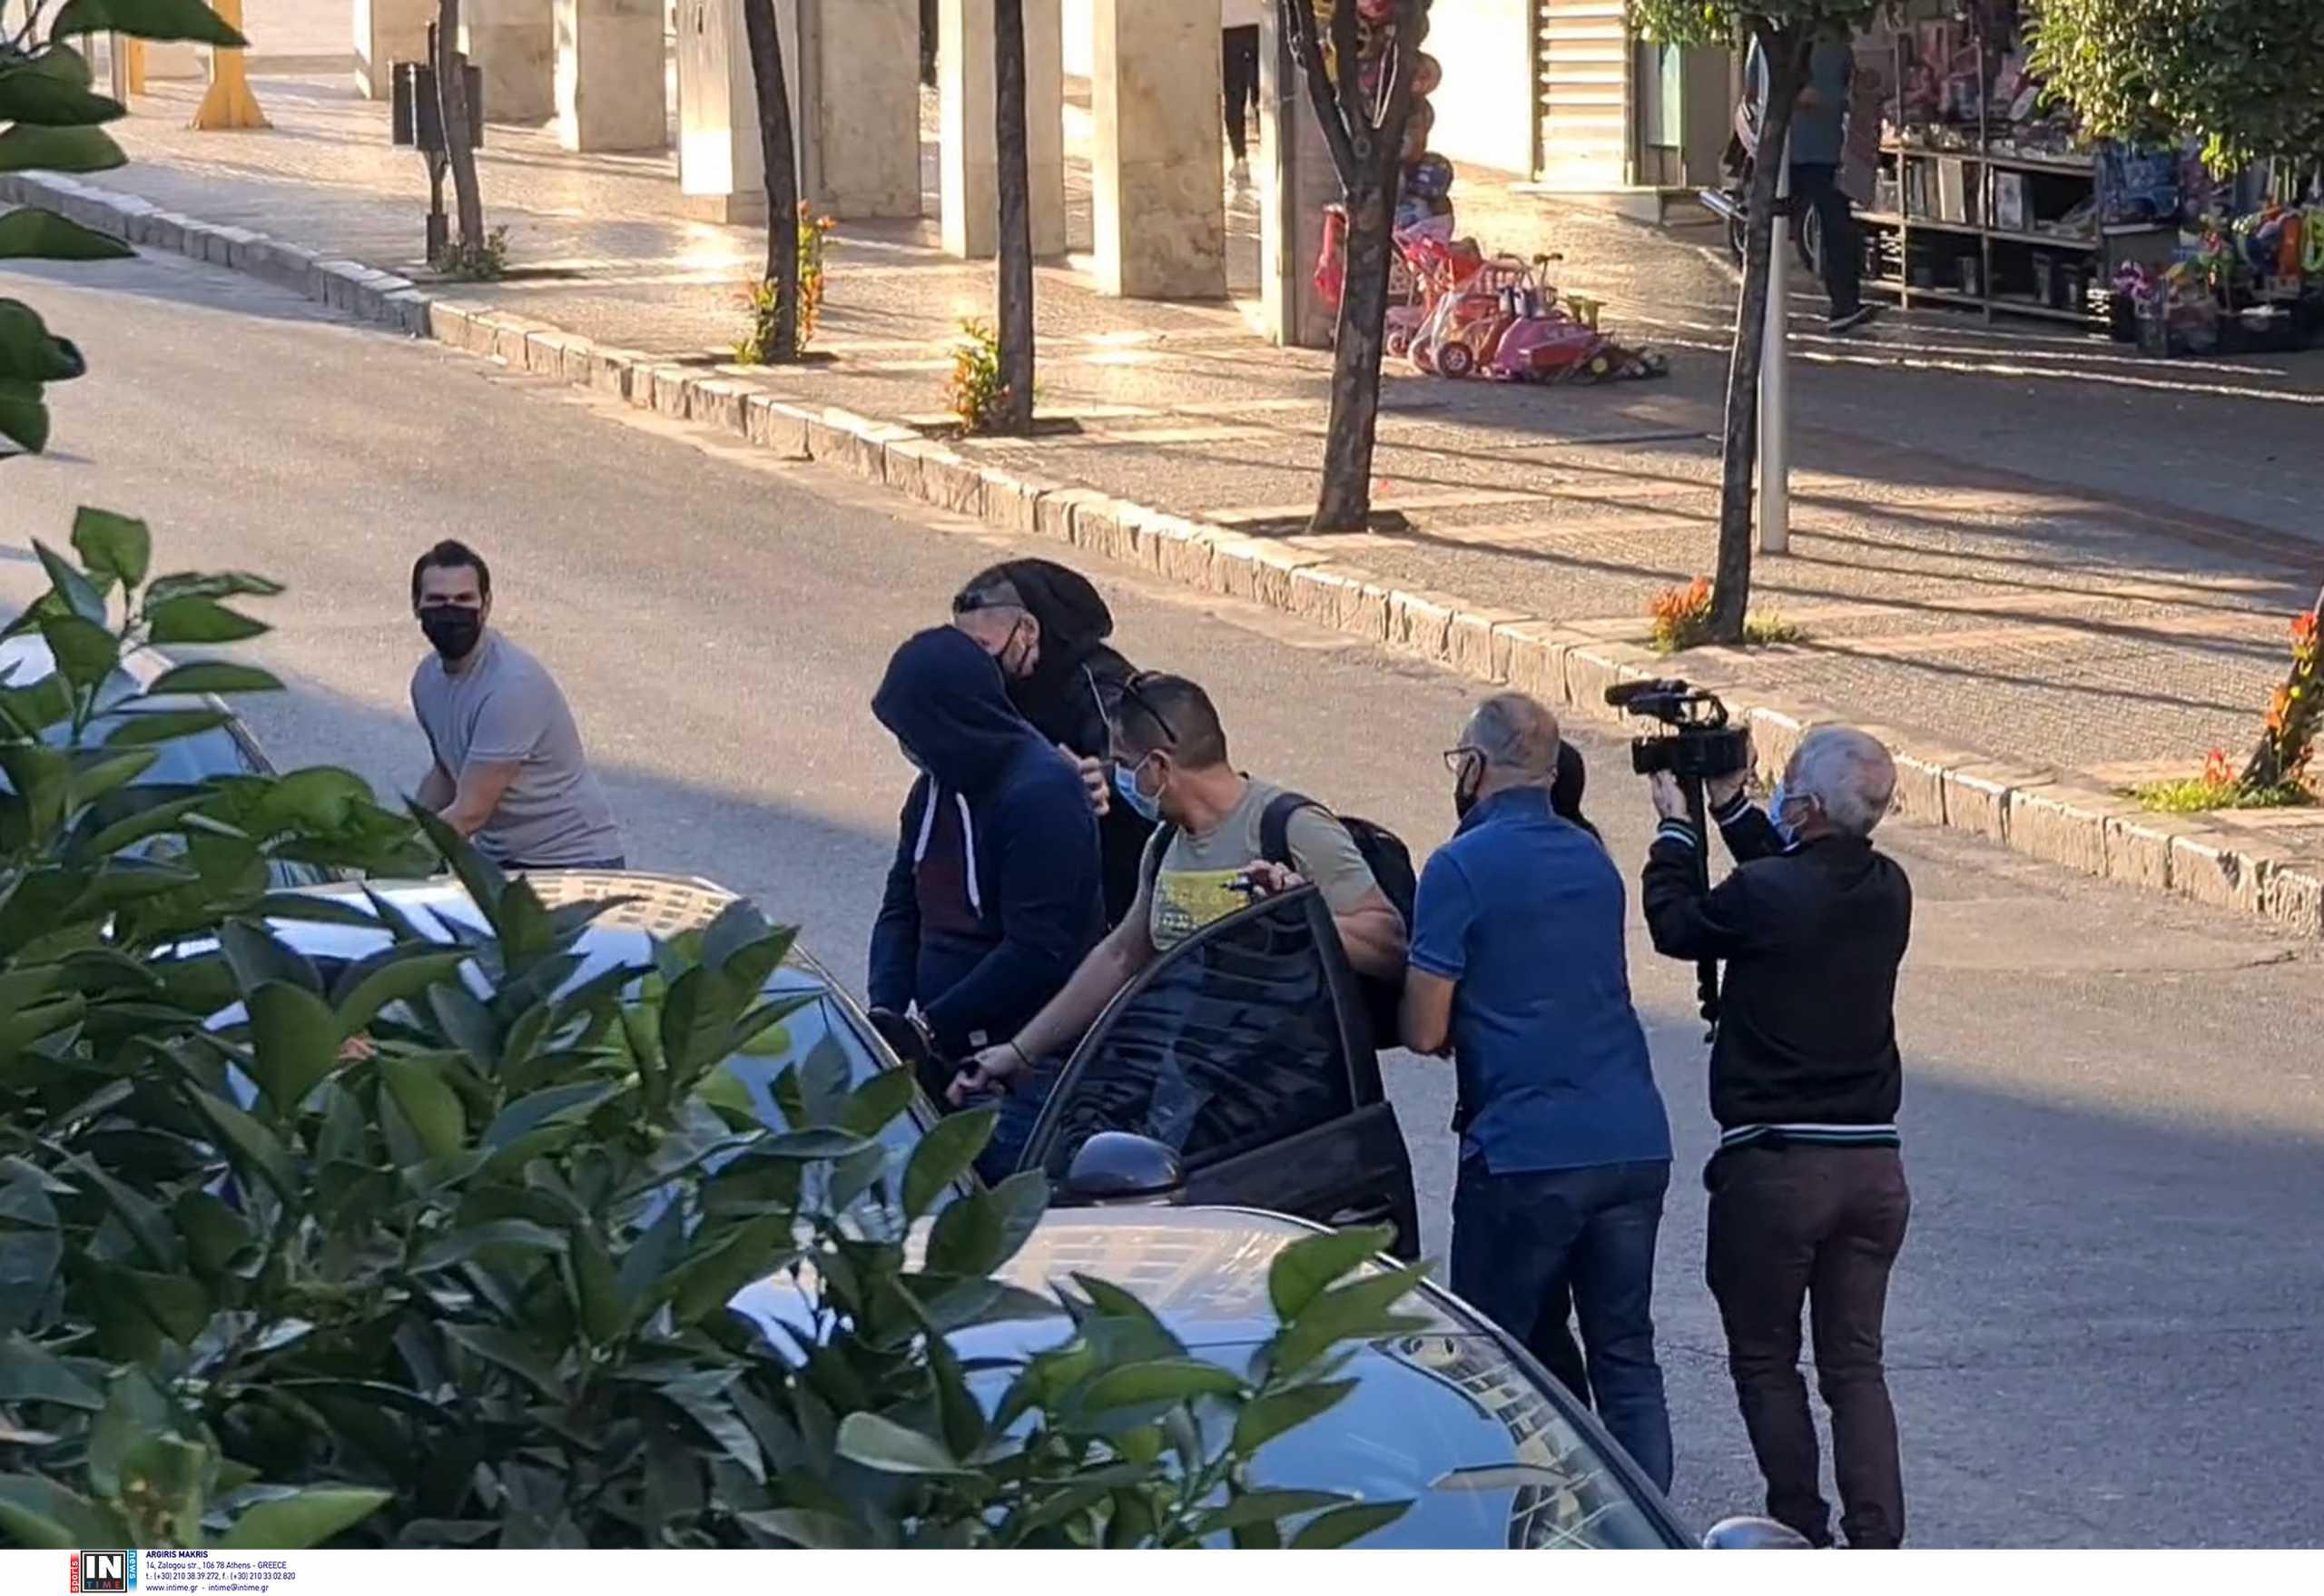 Λαμία: Προφυλακίστηκε ο λιμενικός για τα ναρκωτικά στη Στυλίδα – «Ήταν ένα φιλικό μοίρασμα»